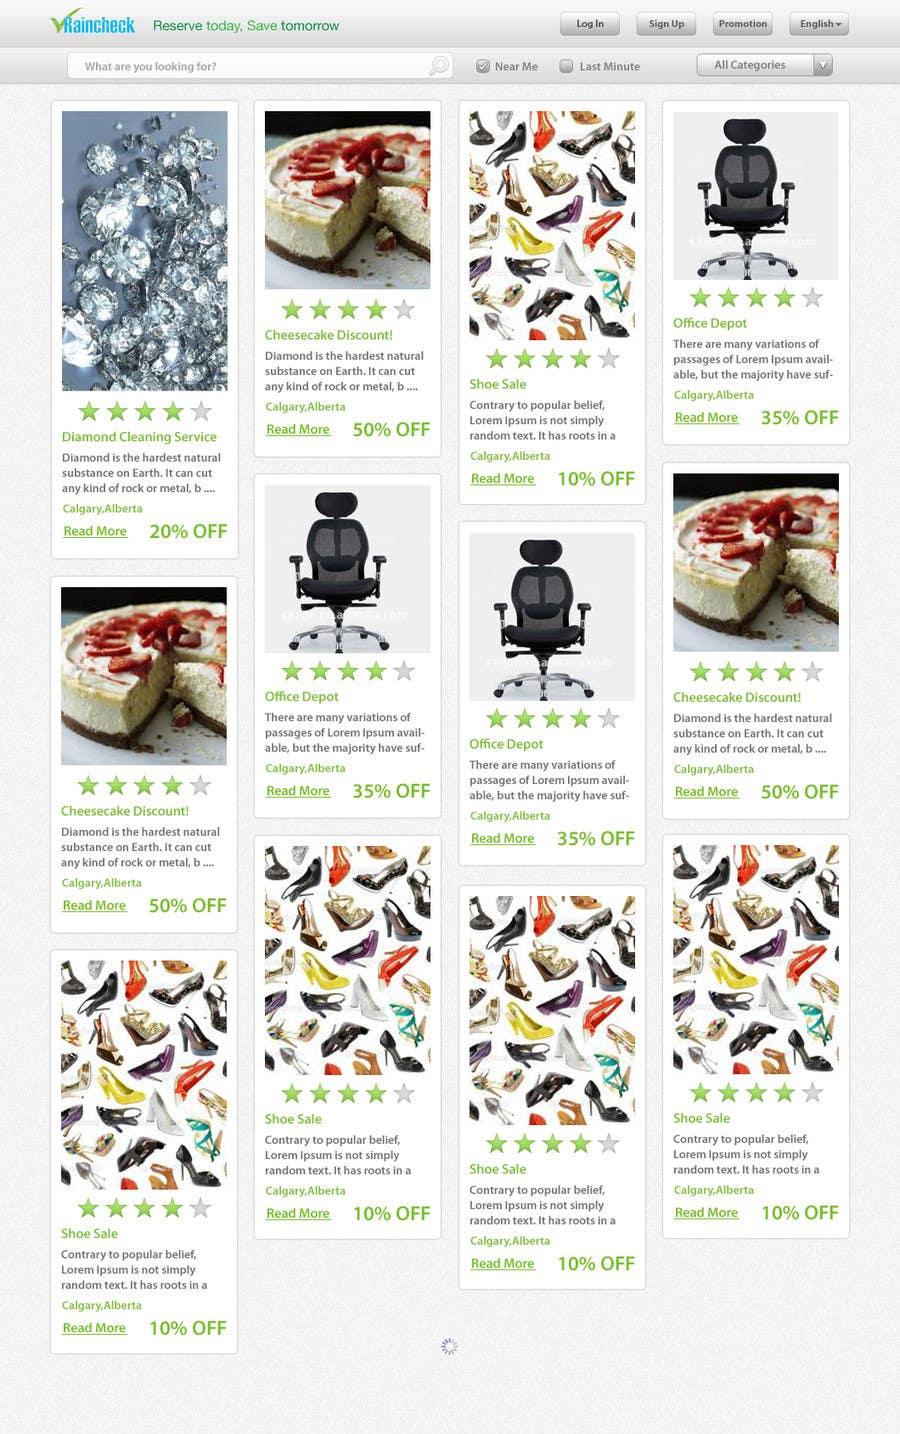 Penyertaan Peraduan #                                        26                                      untuk                                         Website Design for Raincheck